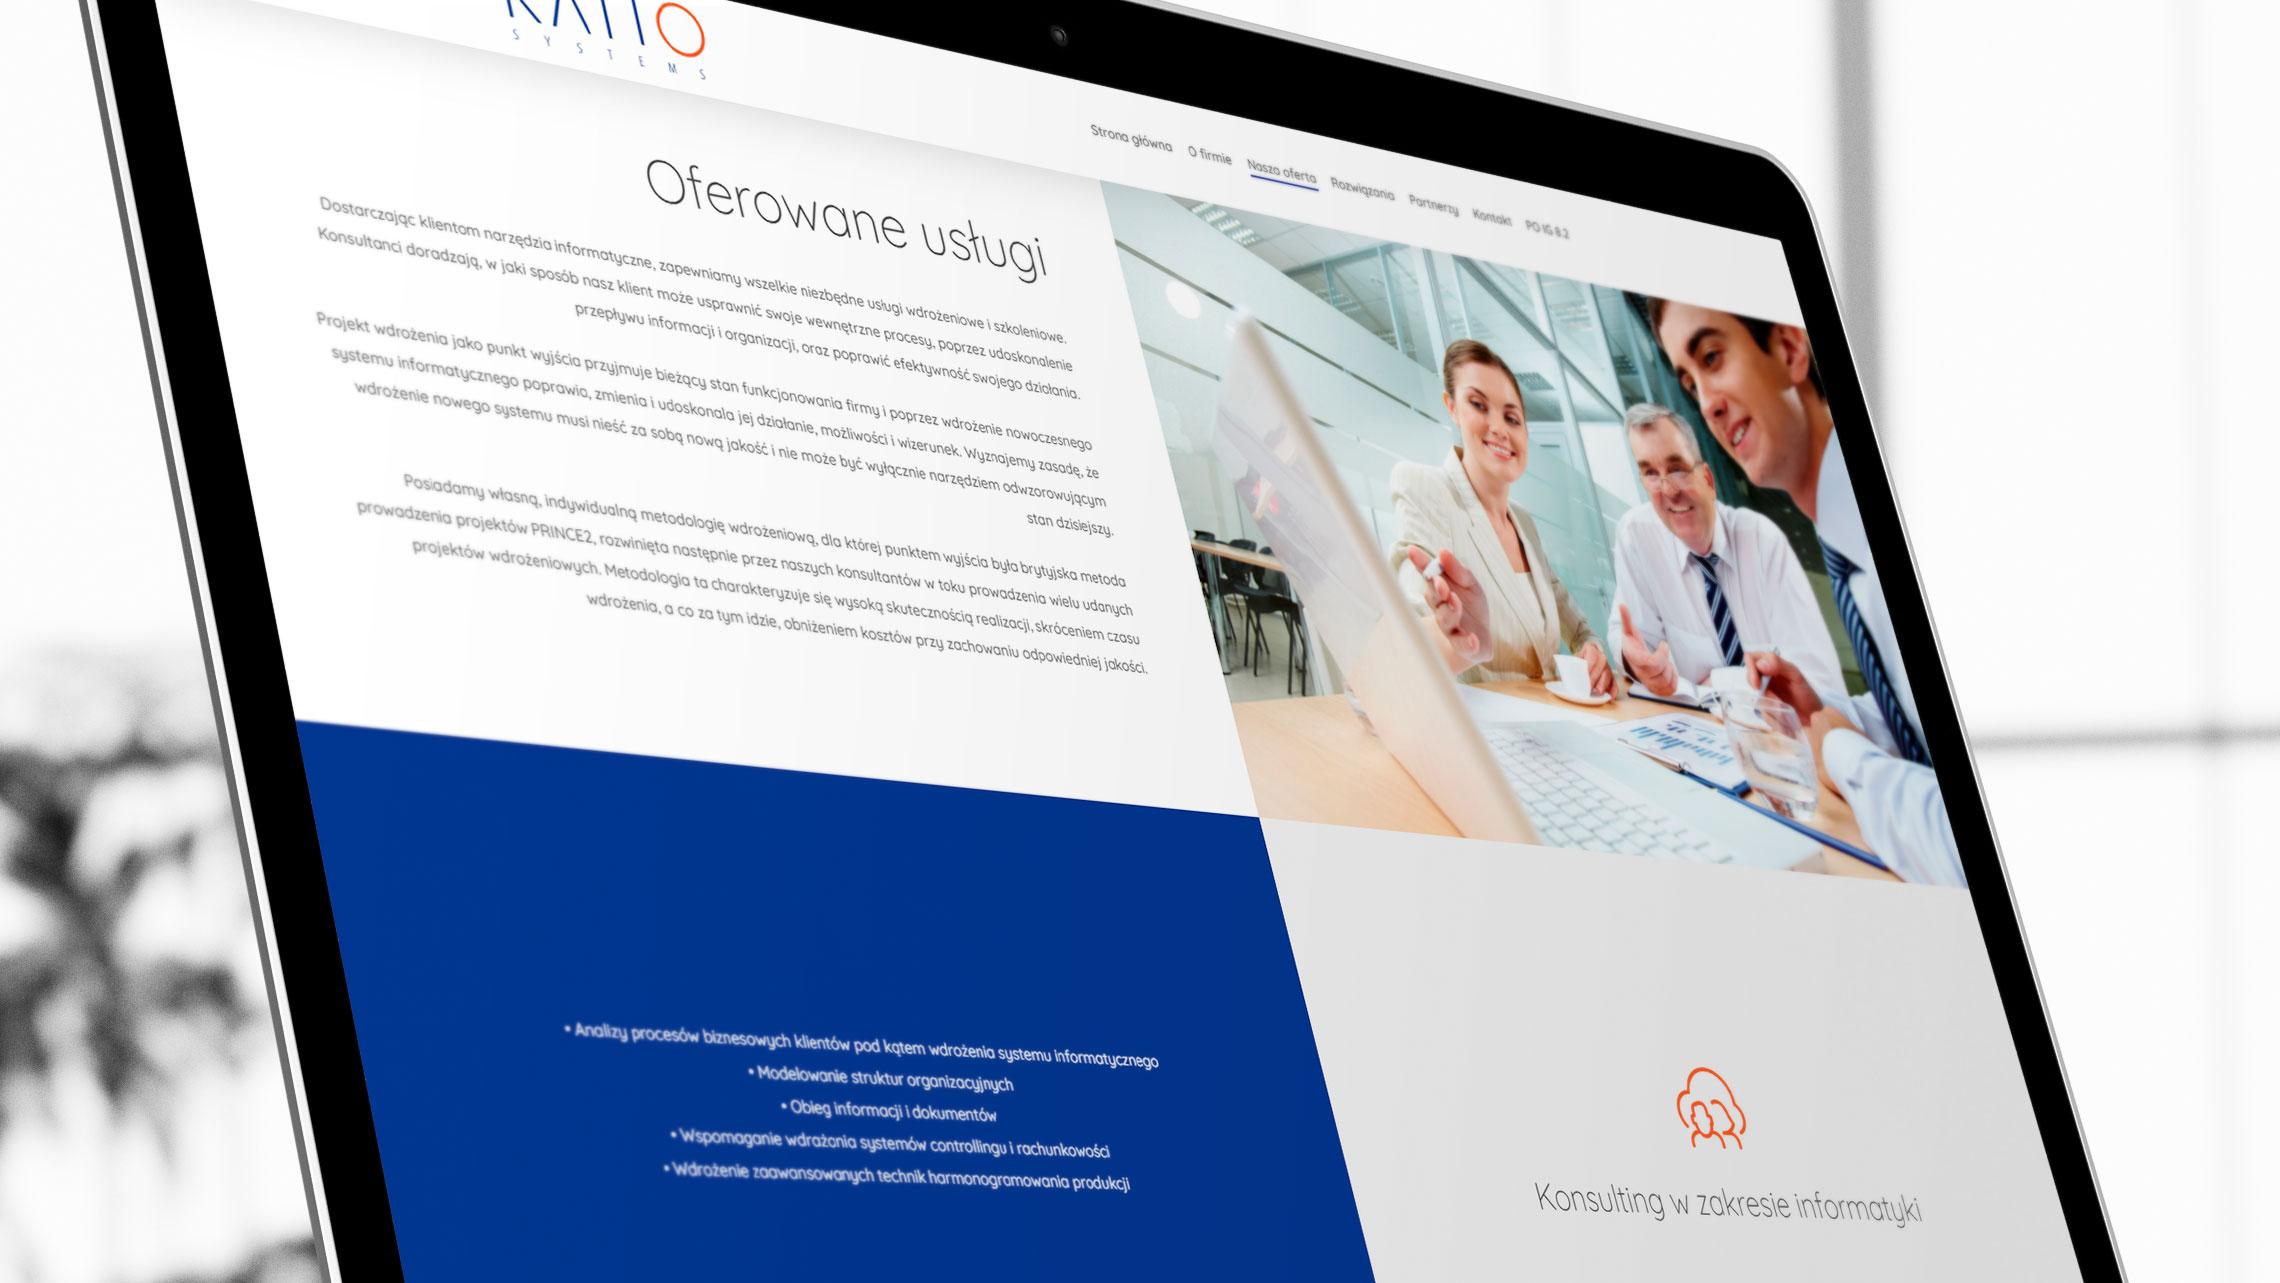 Sekcja oferta nastronie internetowej Ratio Systems